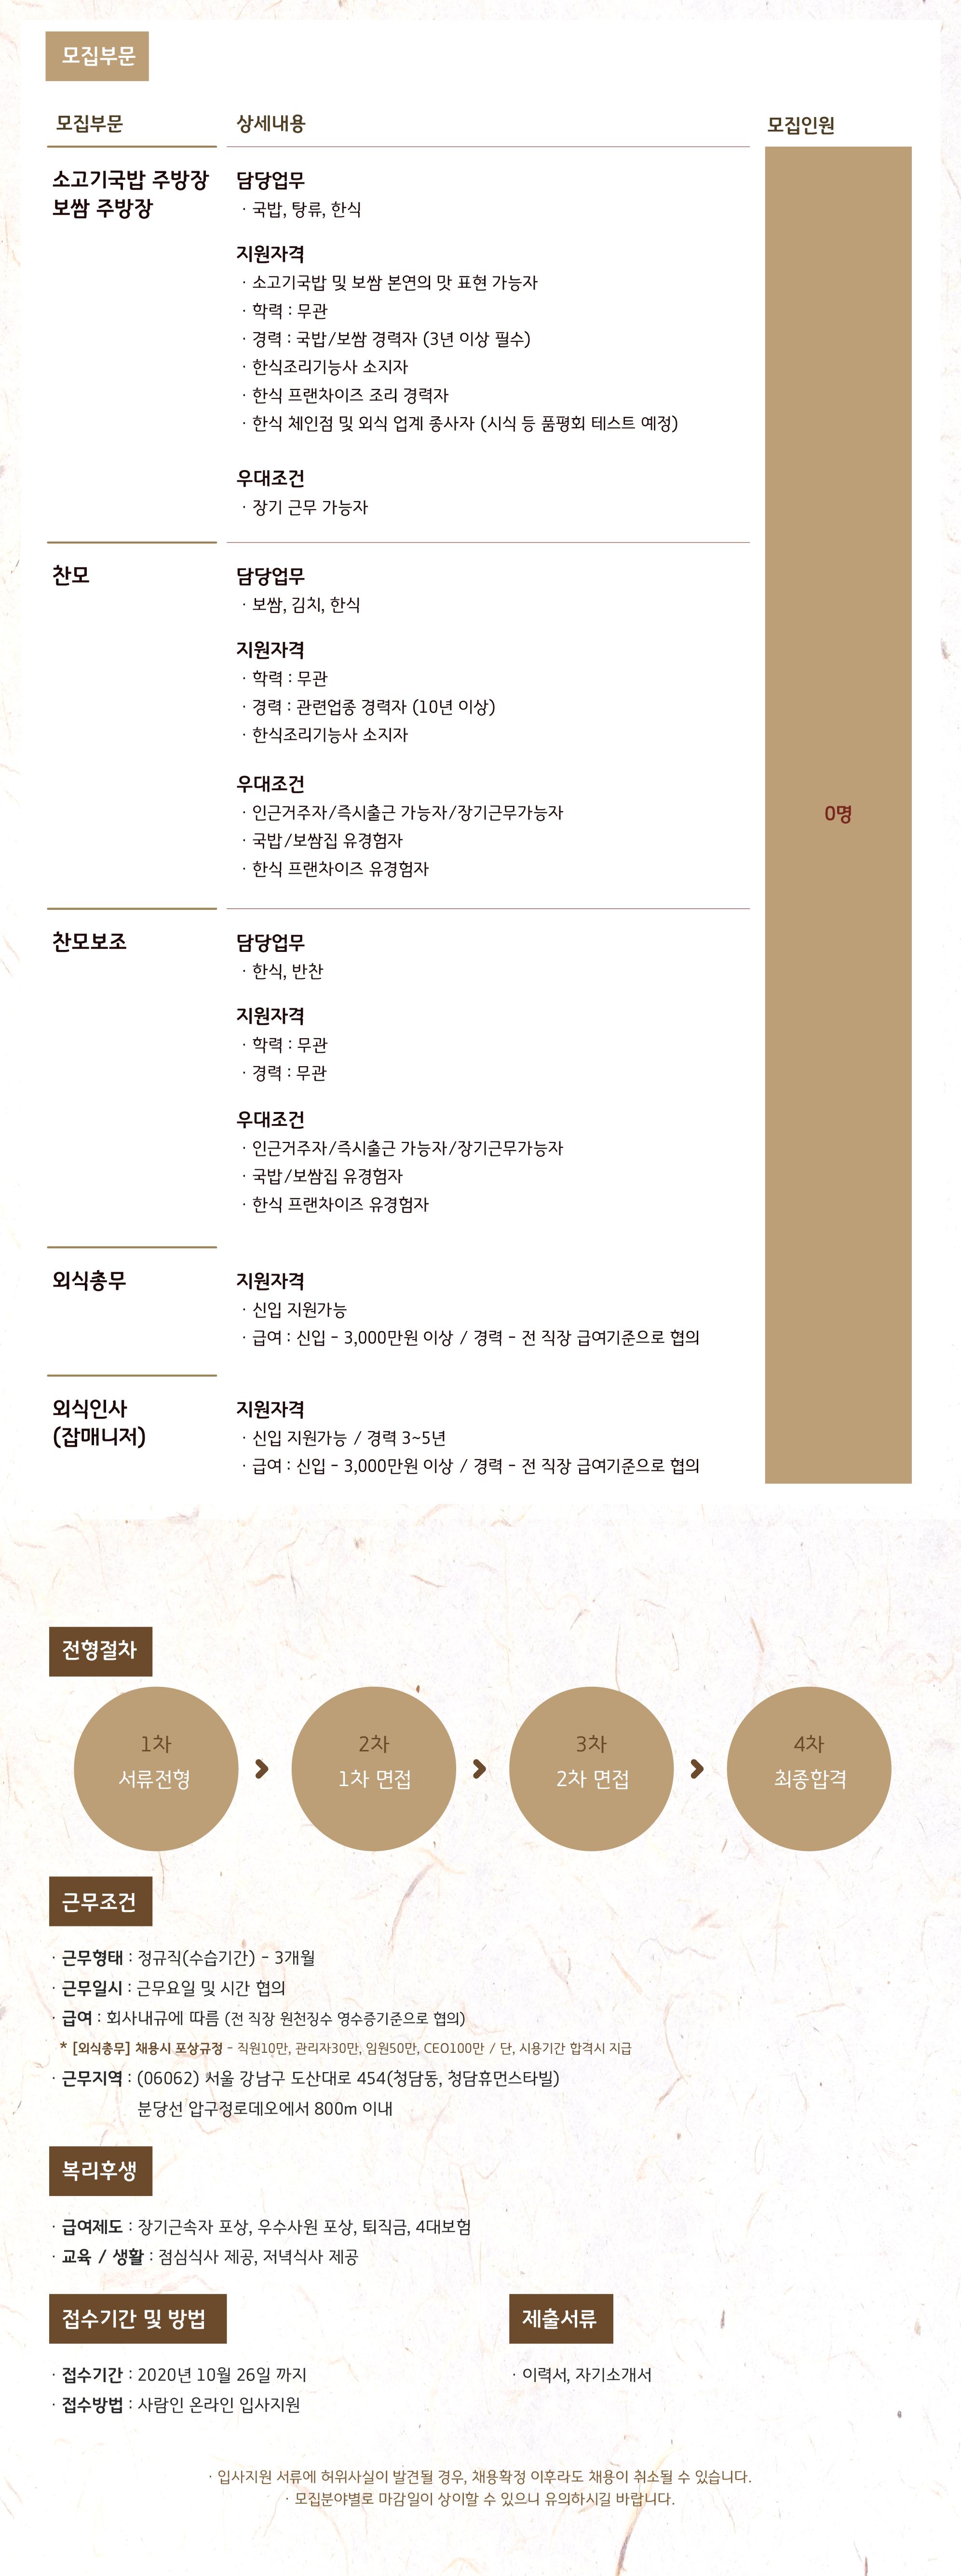 마니소 채용공고디자인-02.png